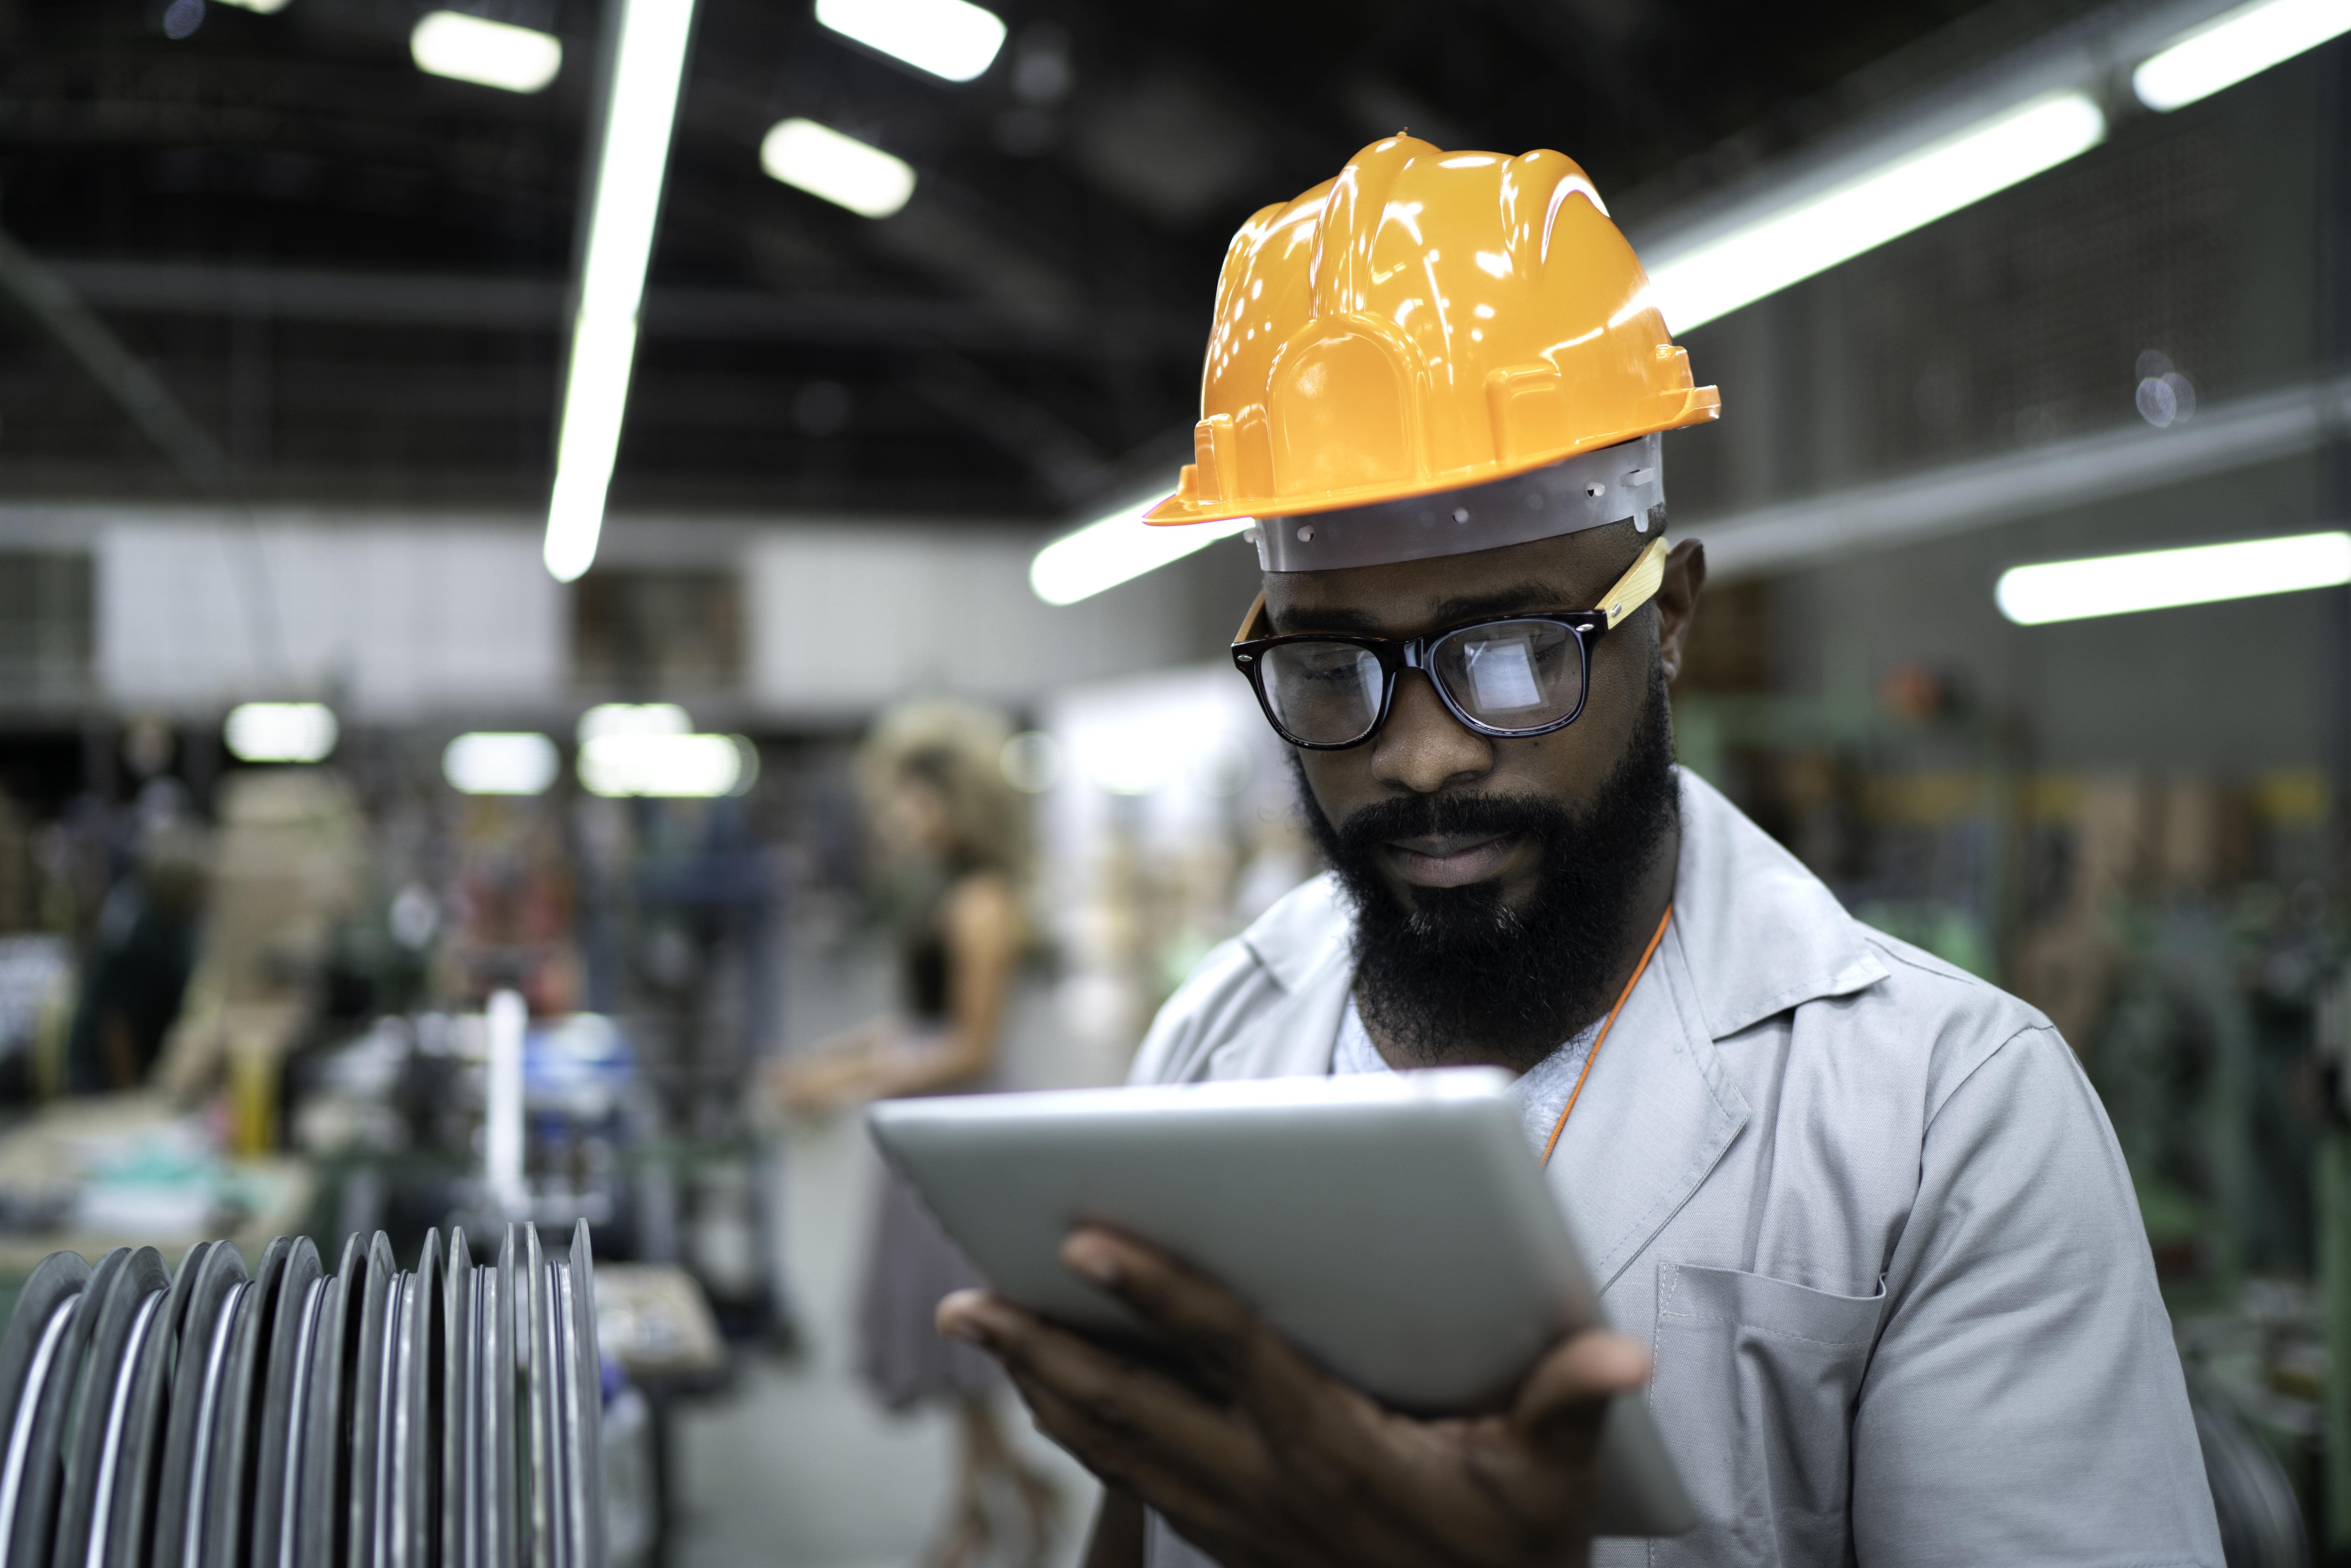 Man looking at iPad